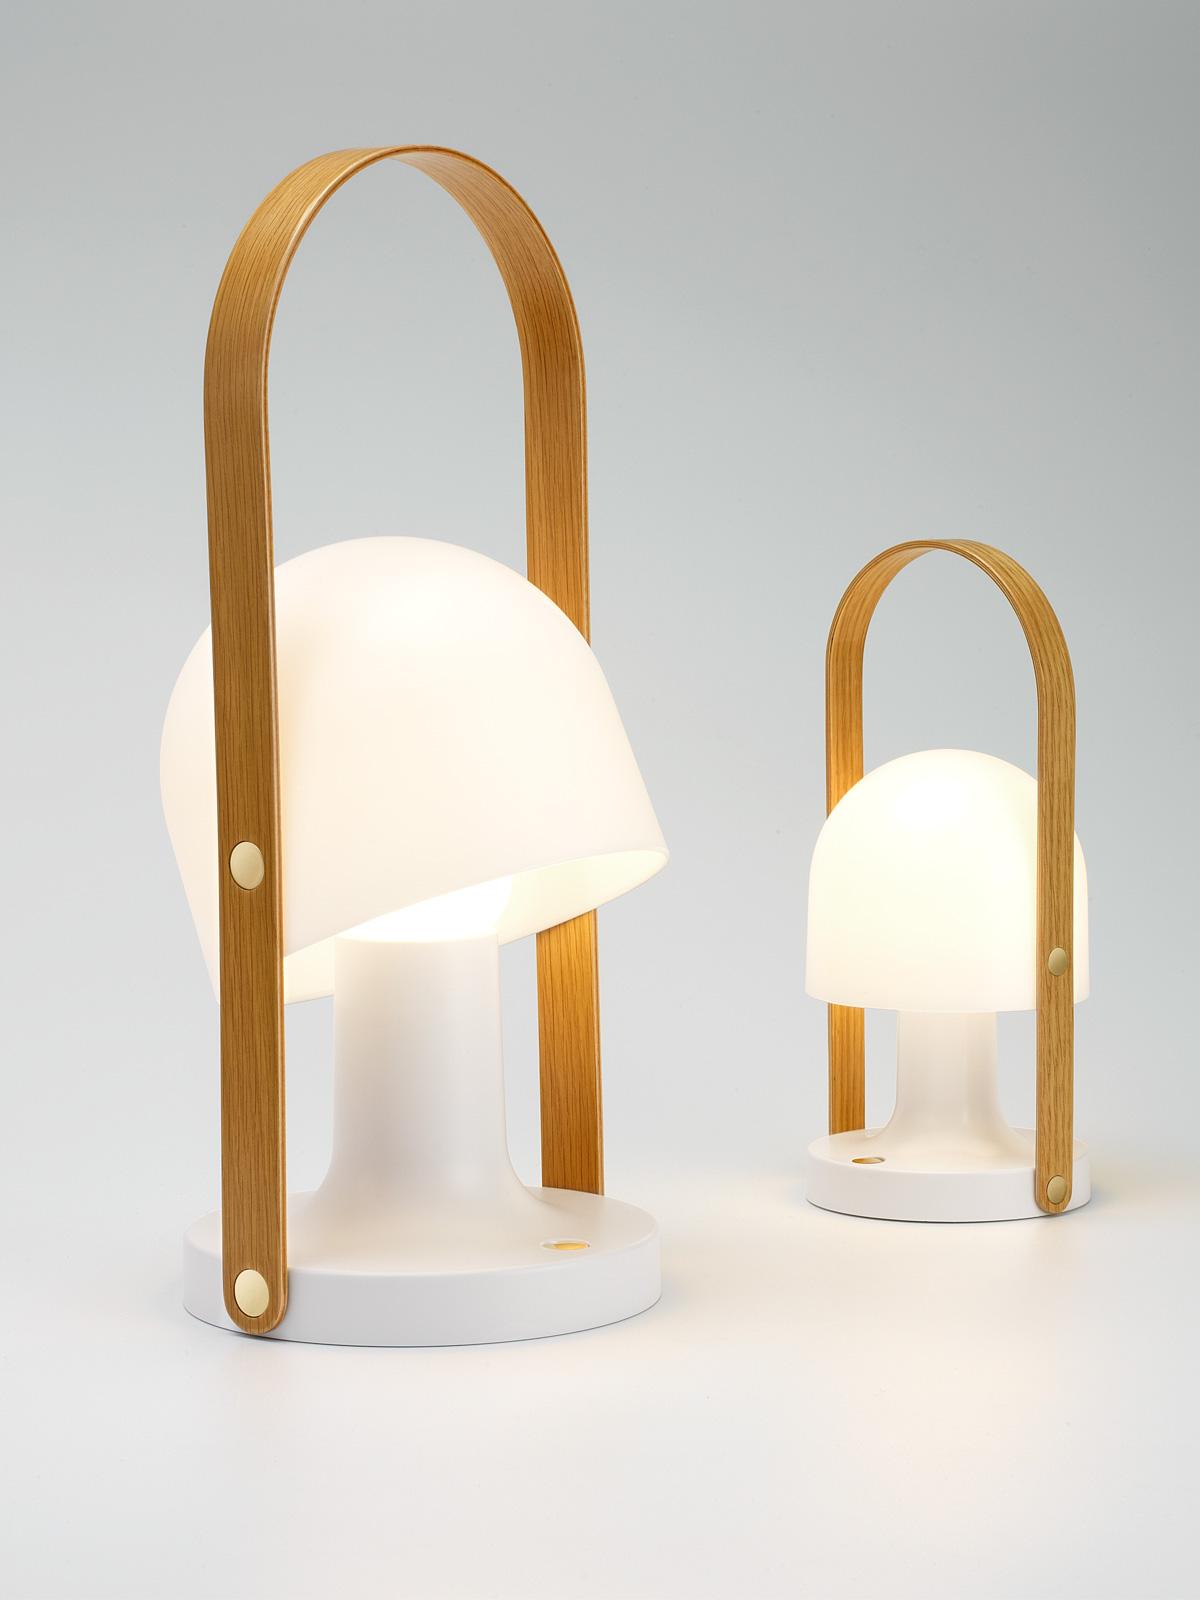 Followme lampen leuchten designerleuchten online berlin design tischlampe bodenleuchte followme plus marset parisarafo Gallery